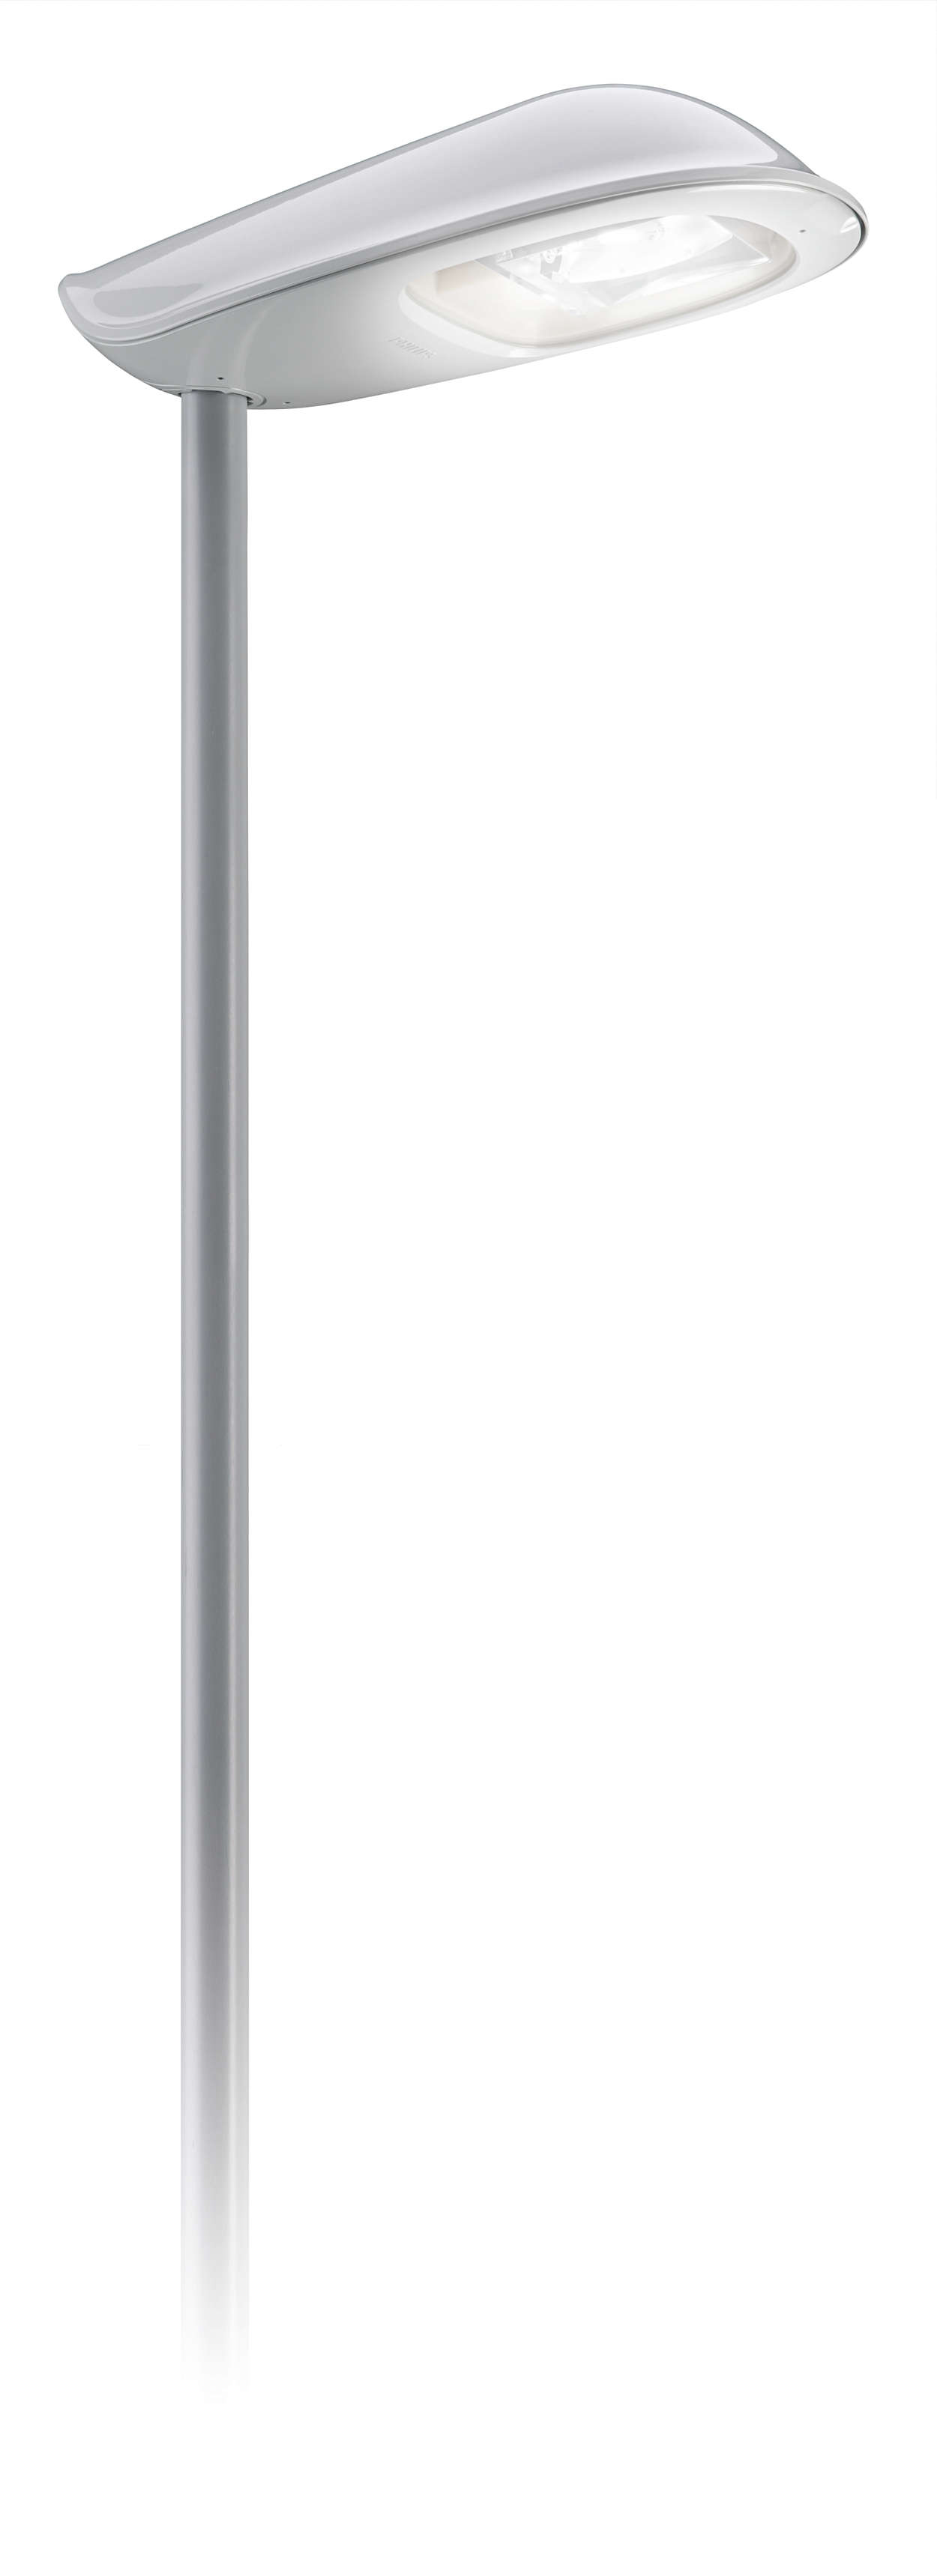 Iridium² Large SGP353